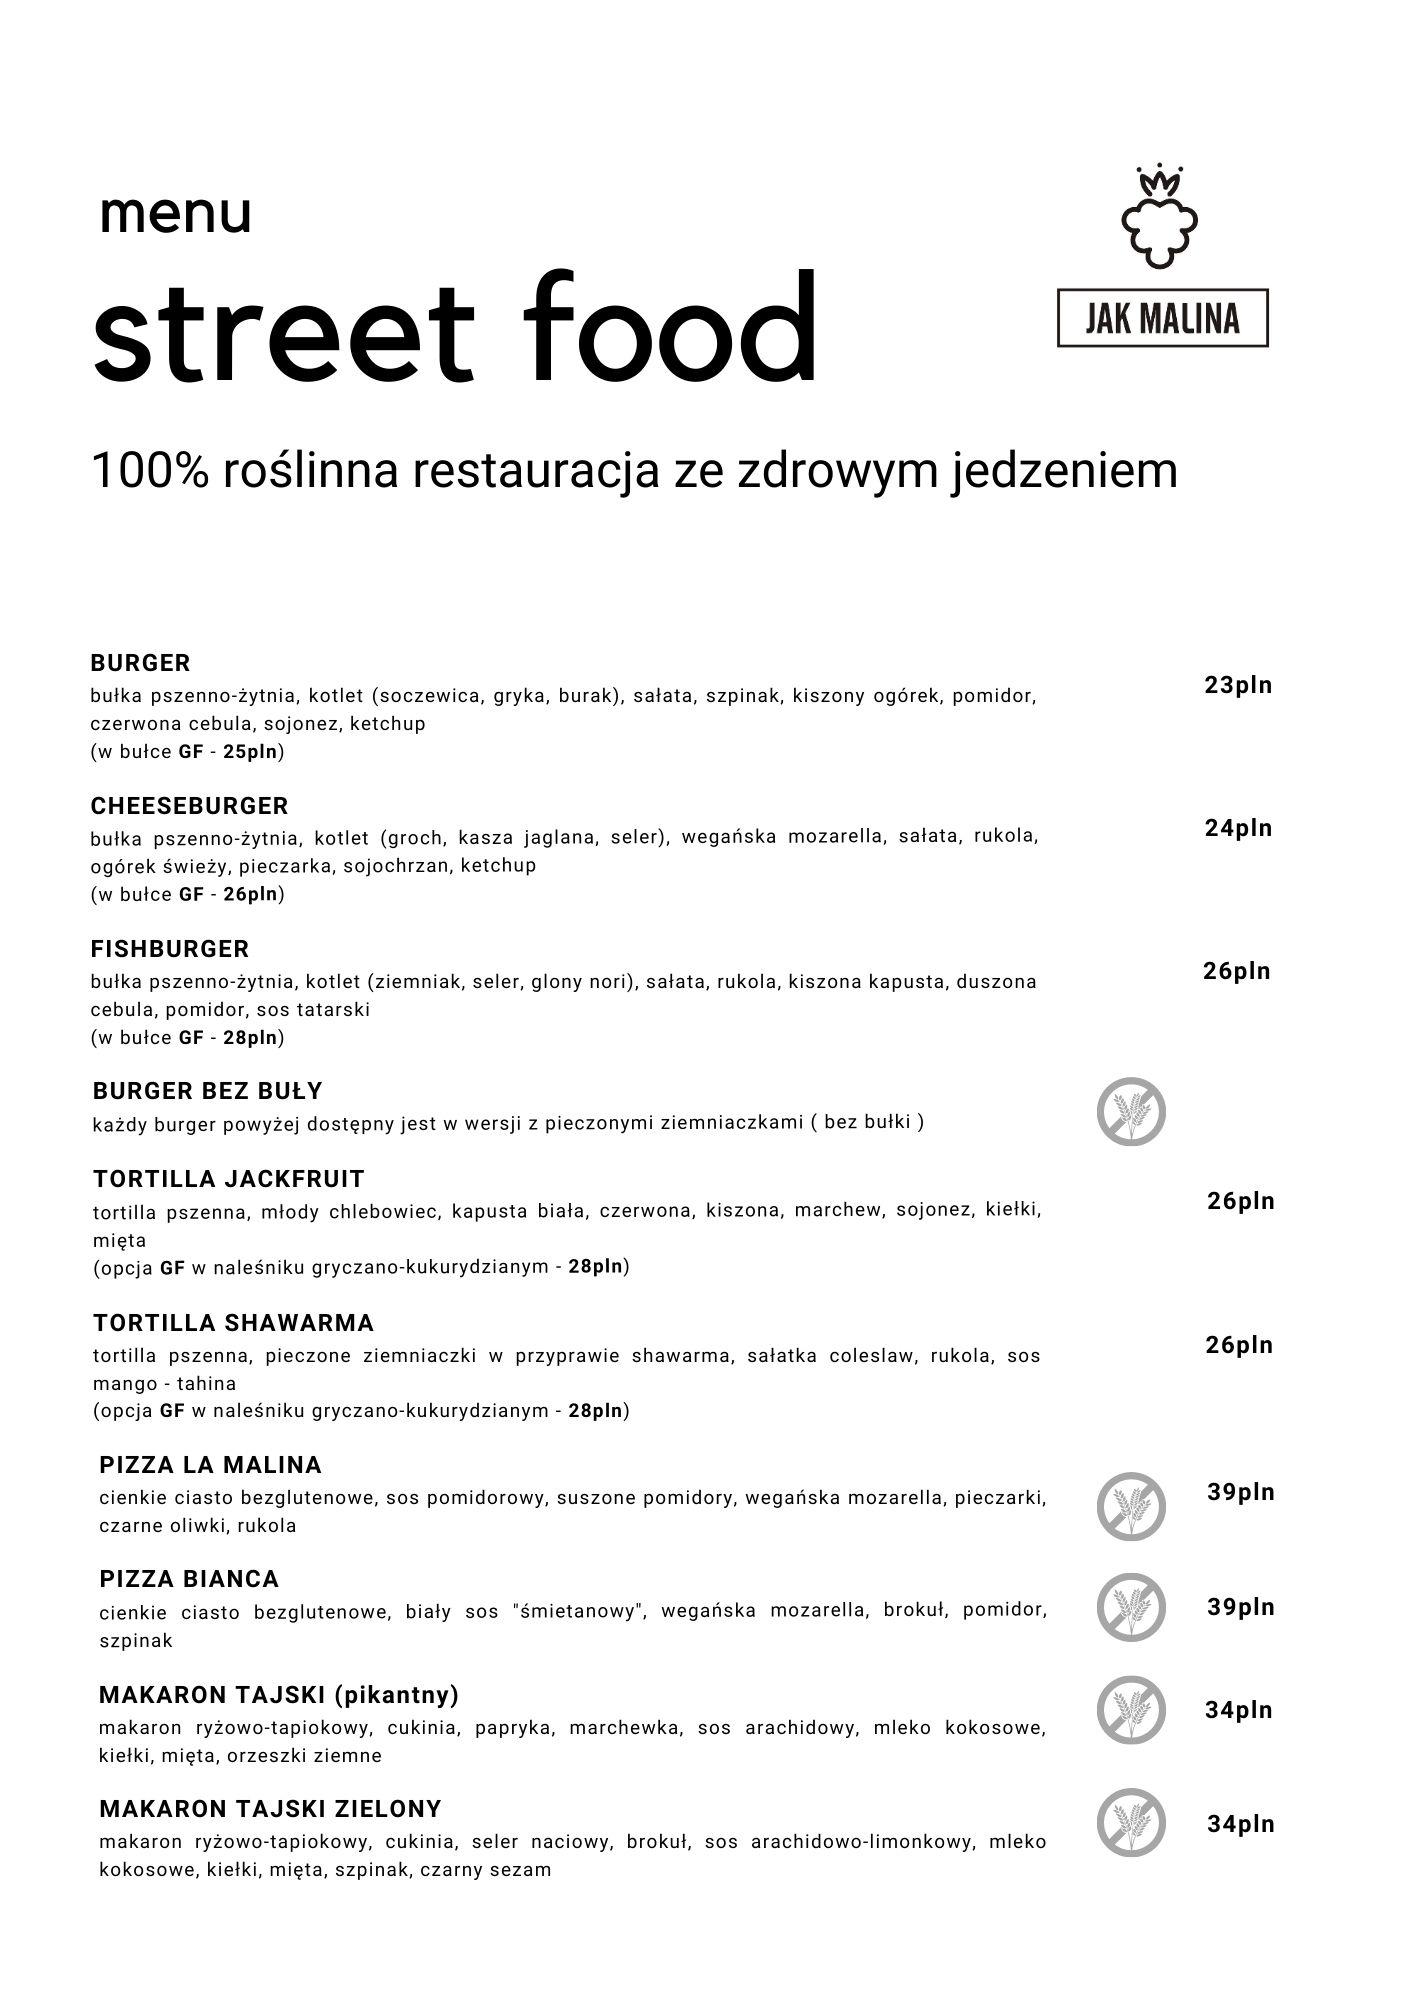 Zdrowy StreetFood JakMalina strona1 - 2021.02